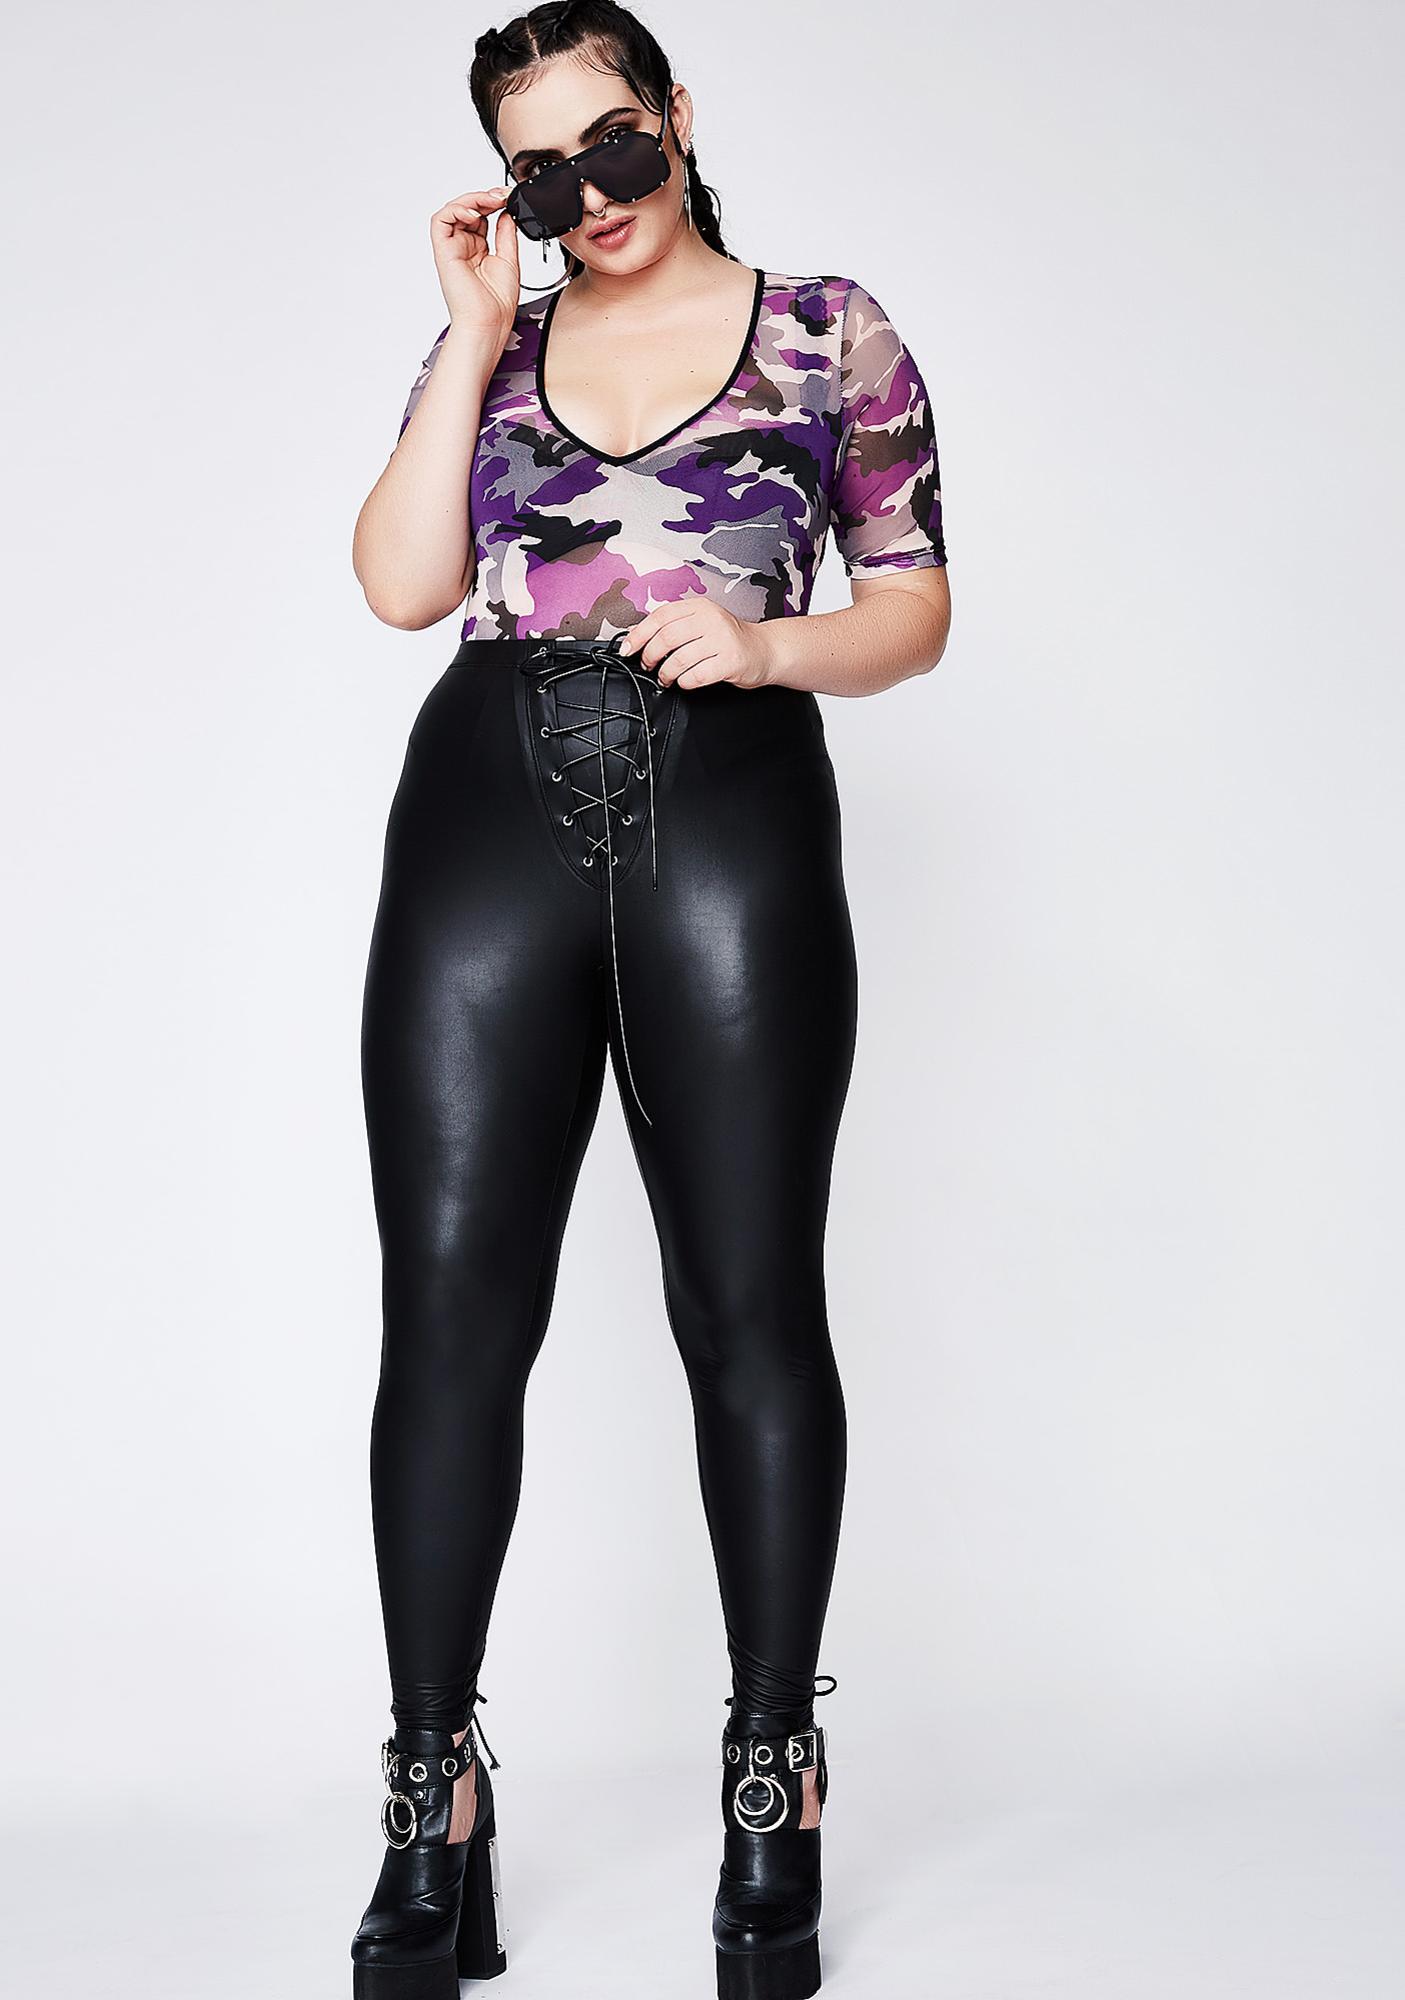 Poster Grl Surprise Ambush Camo Bodysuit